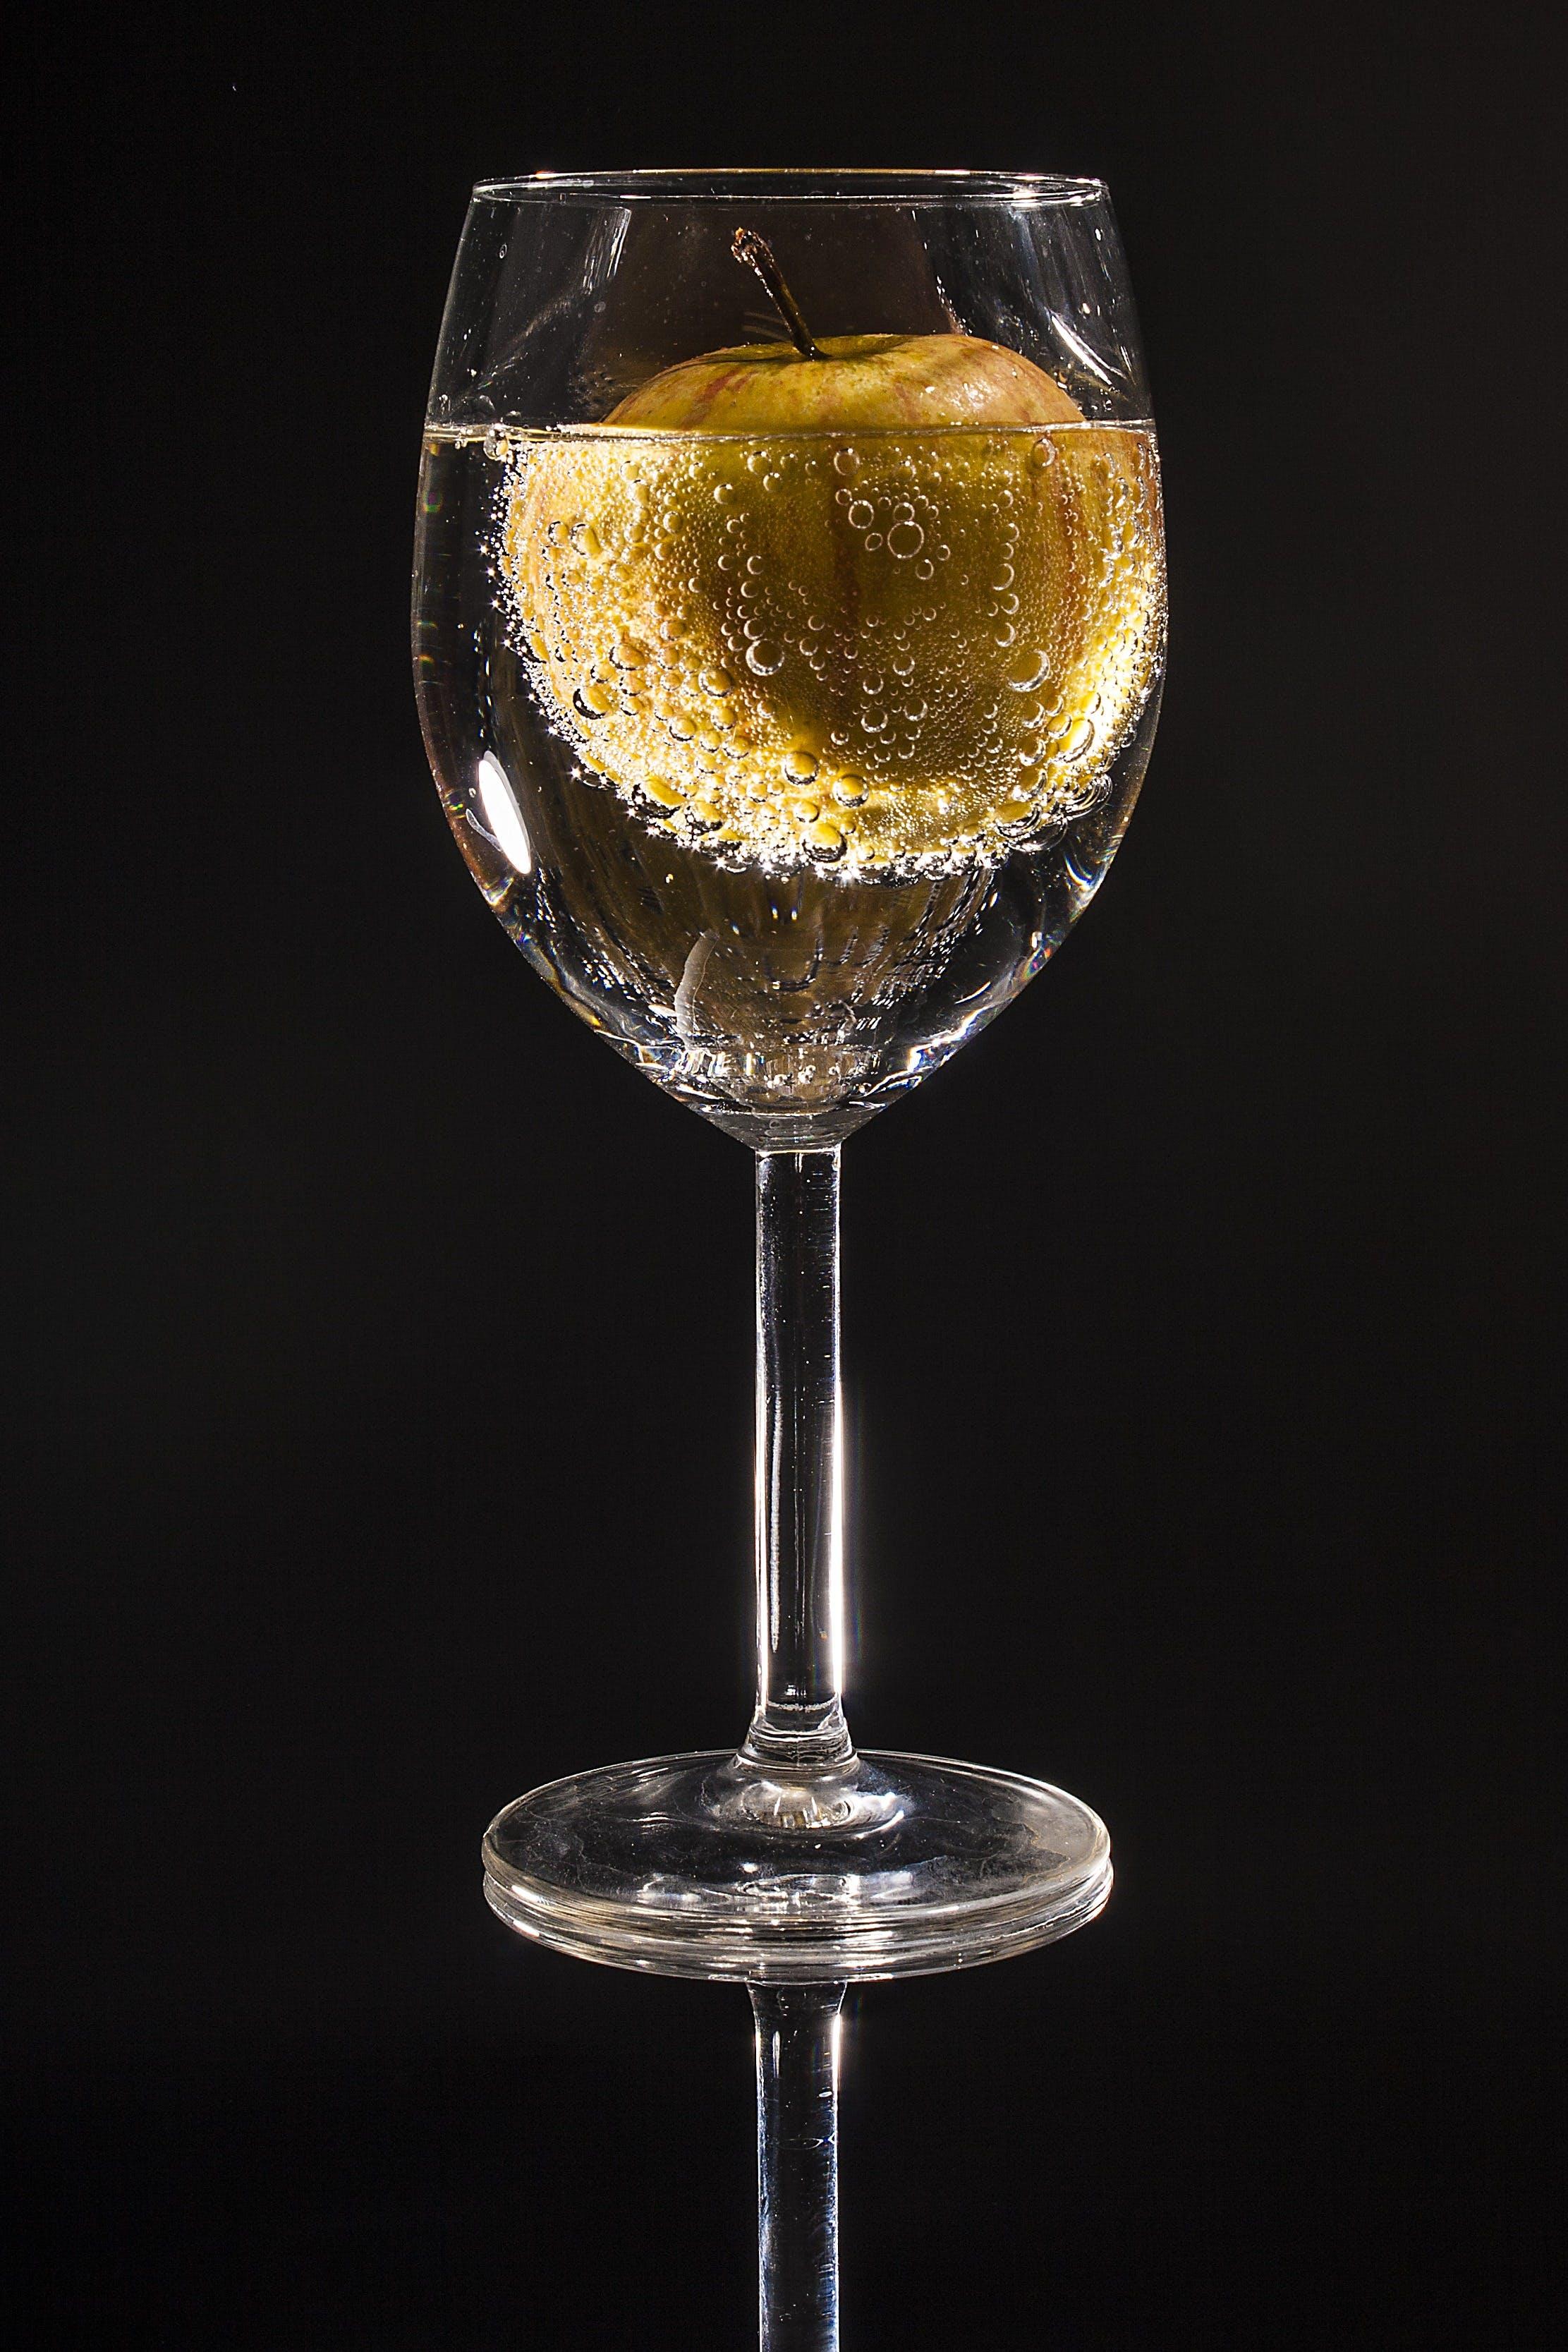 Kostenloses Stock Foto zu apfel, frucht, trinkglas, weinglas